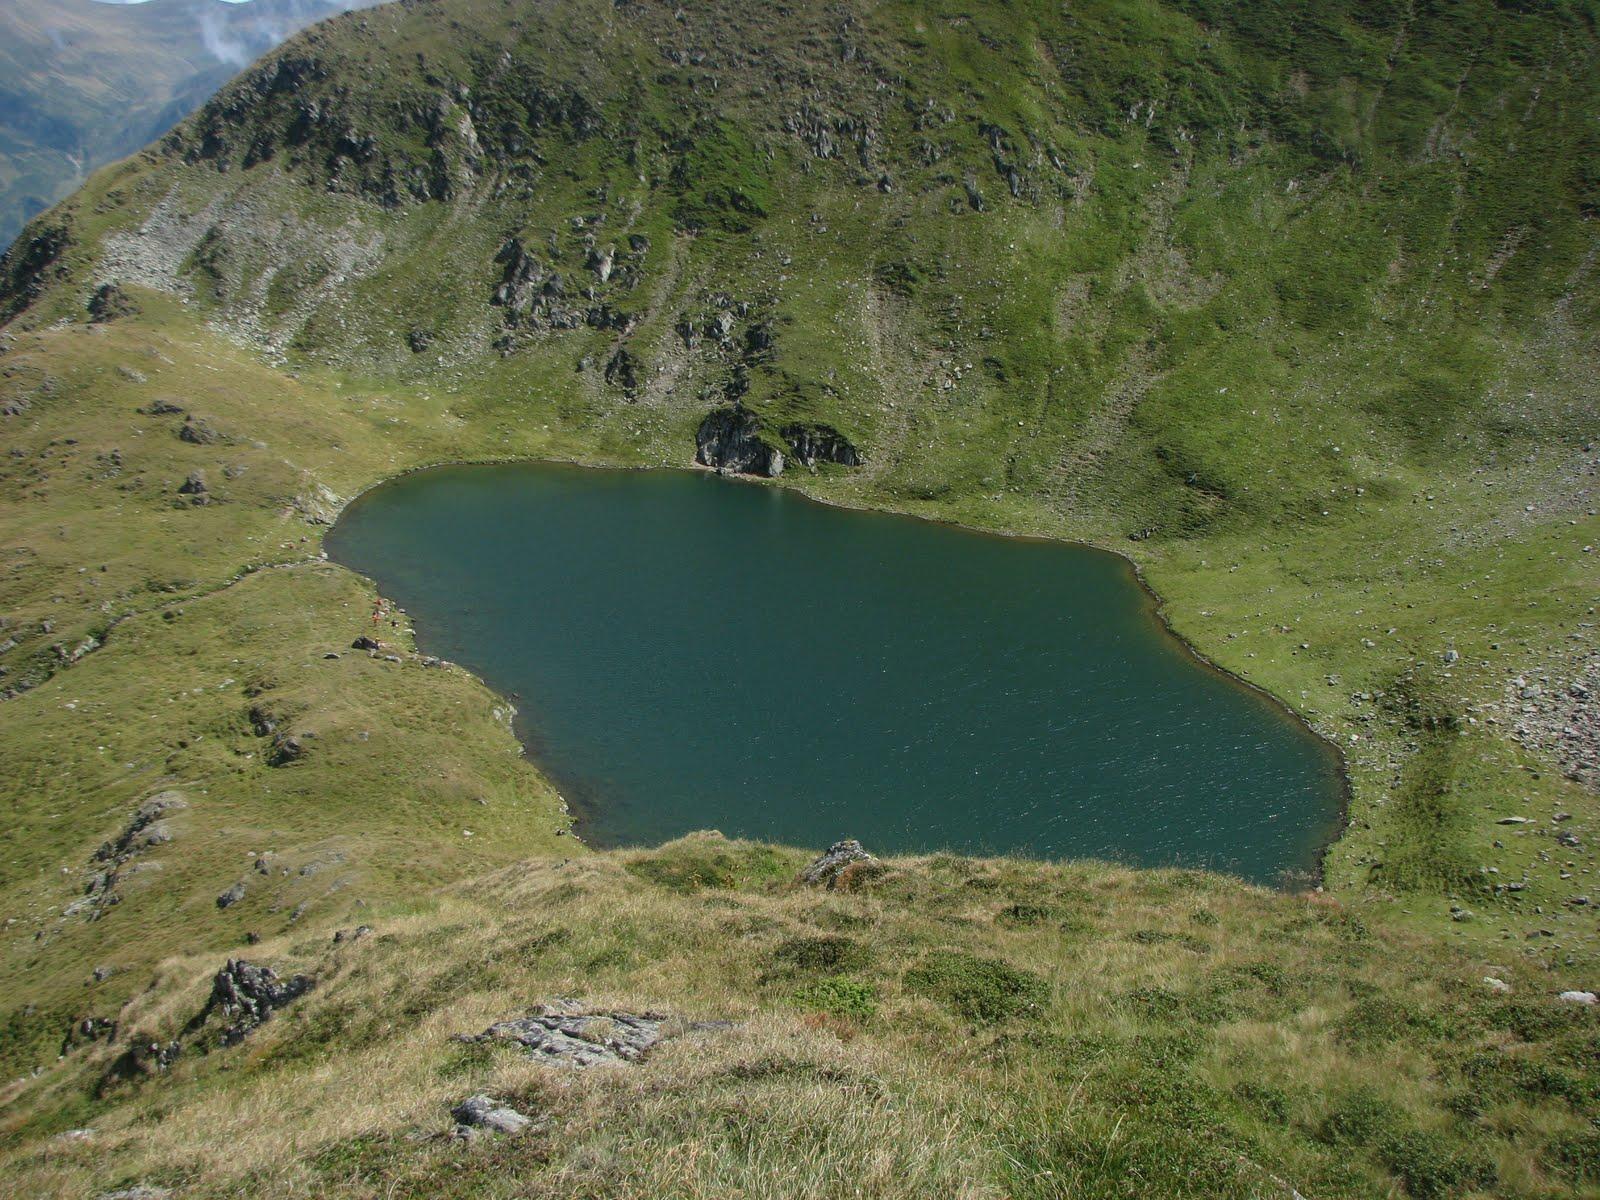 Imagini pentru Lacul lui Mogoș